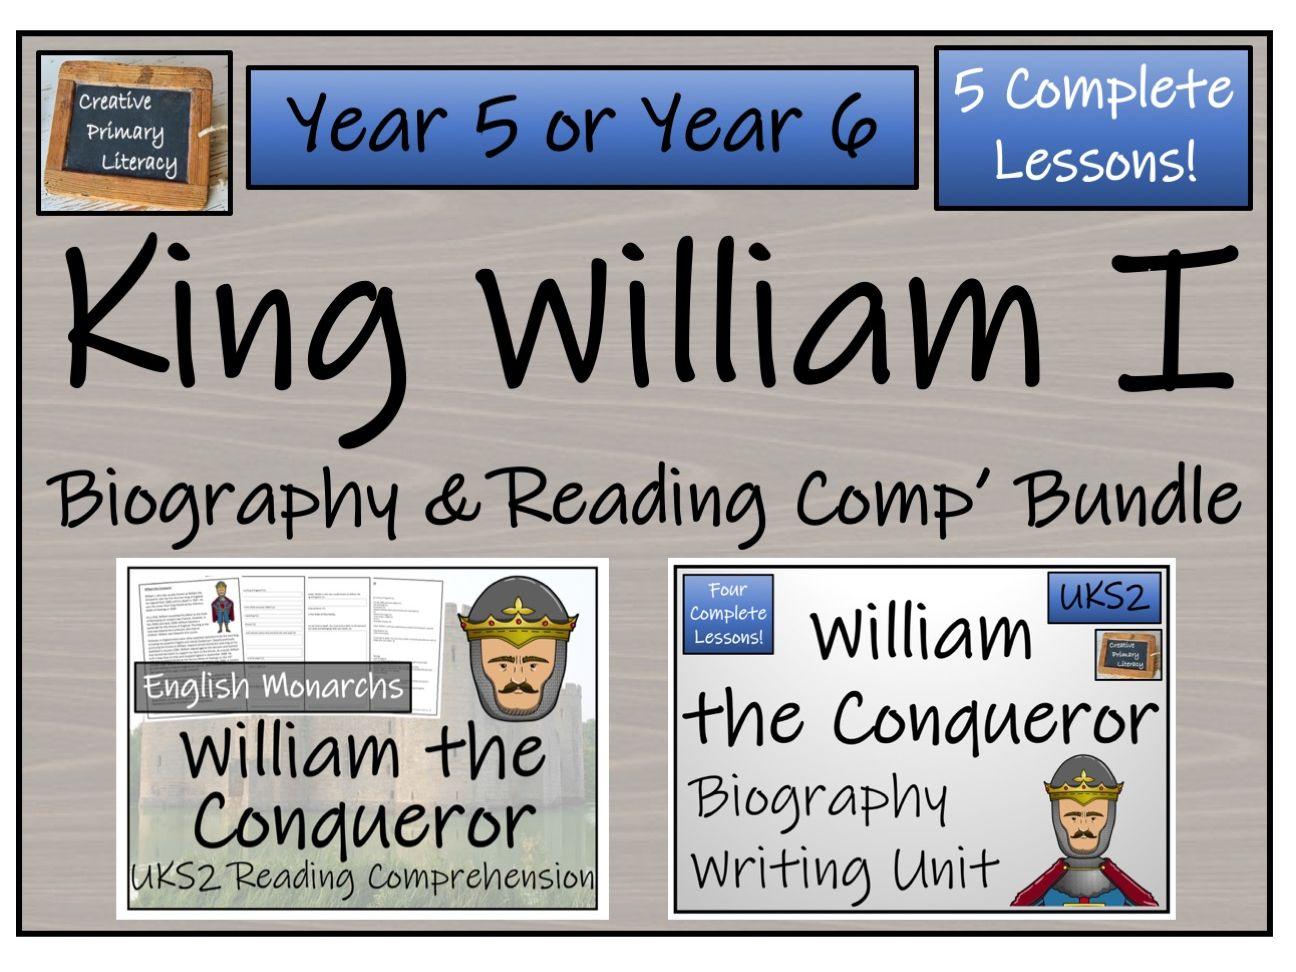 UKS2 History - William the Conqueror Reading Comprehension & Biography Bundle